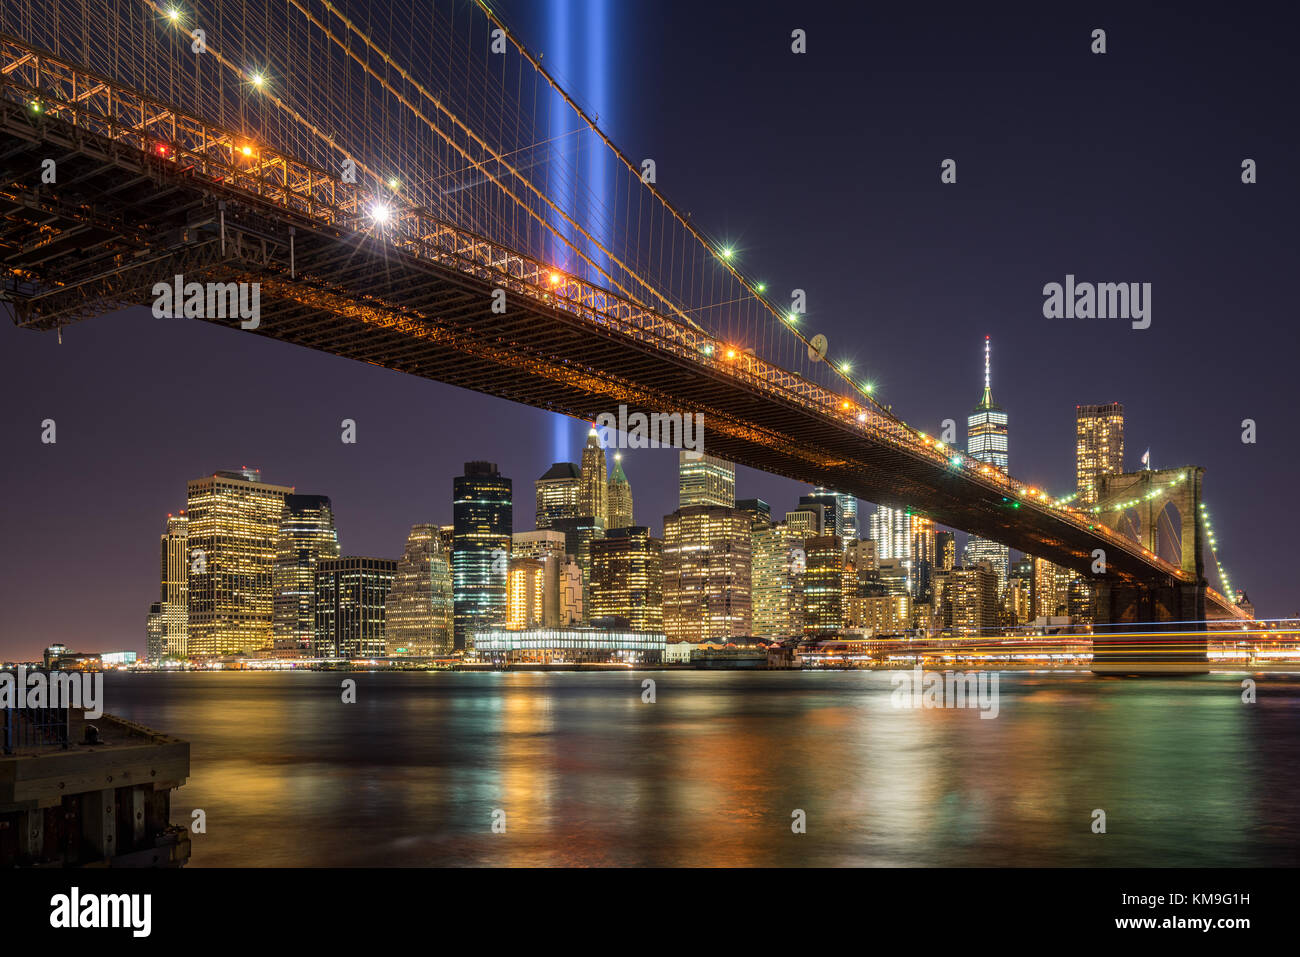 Omaggio in luce con il ponte di Brooklyn e la skycrapers di Lower Manhattan. Il quartiere finanziario di New York Immagini Stock